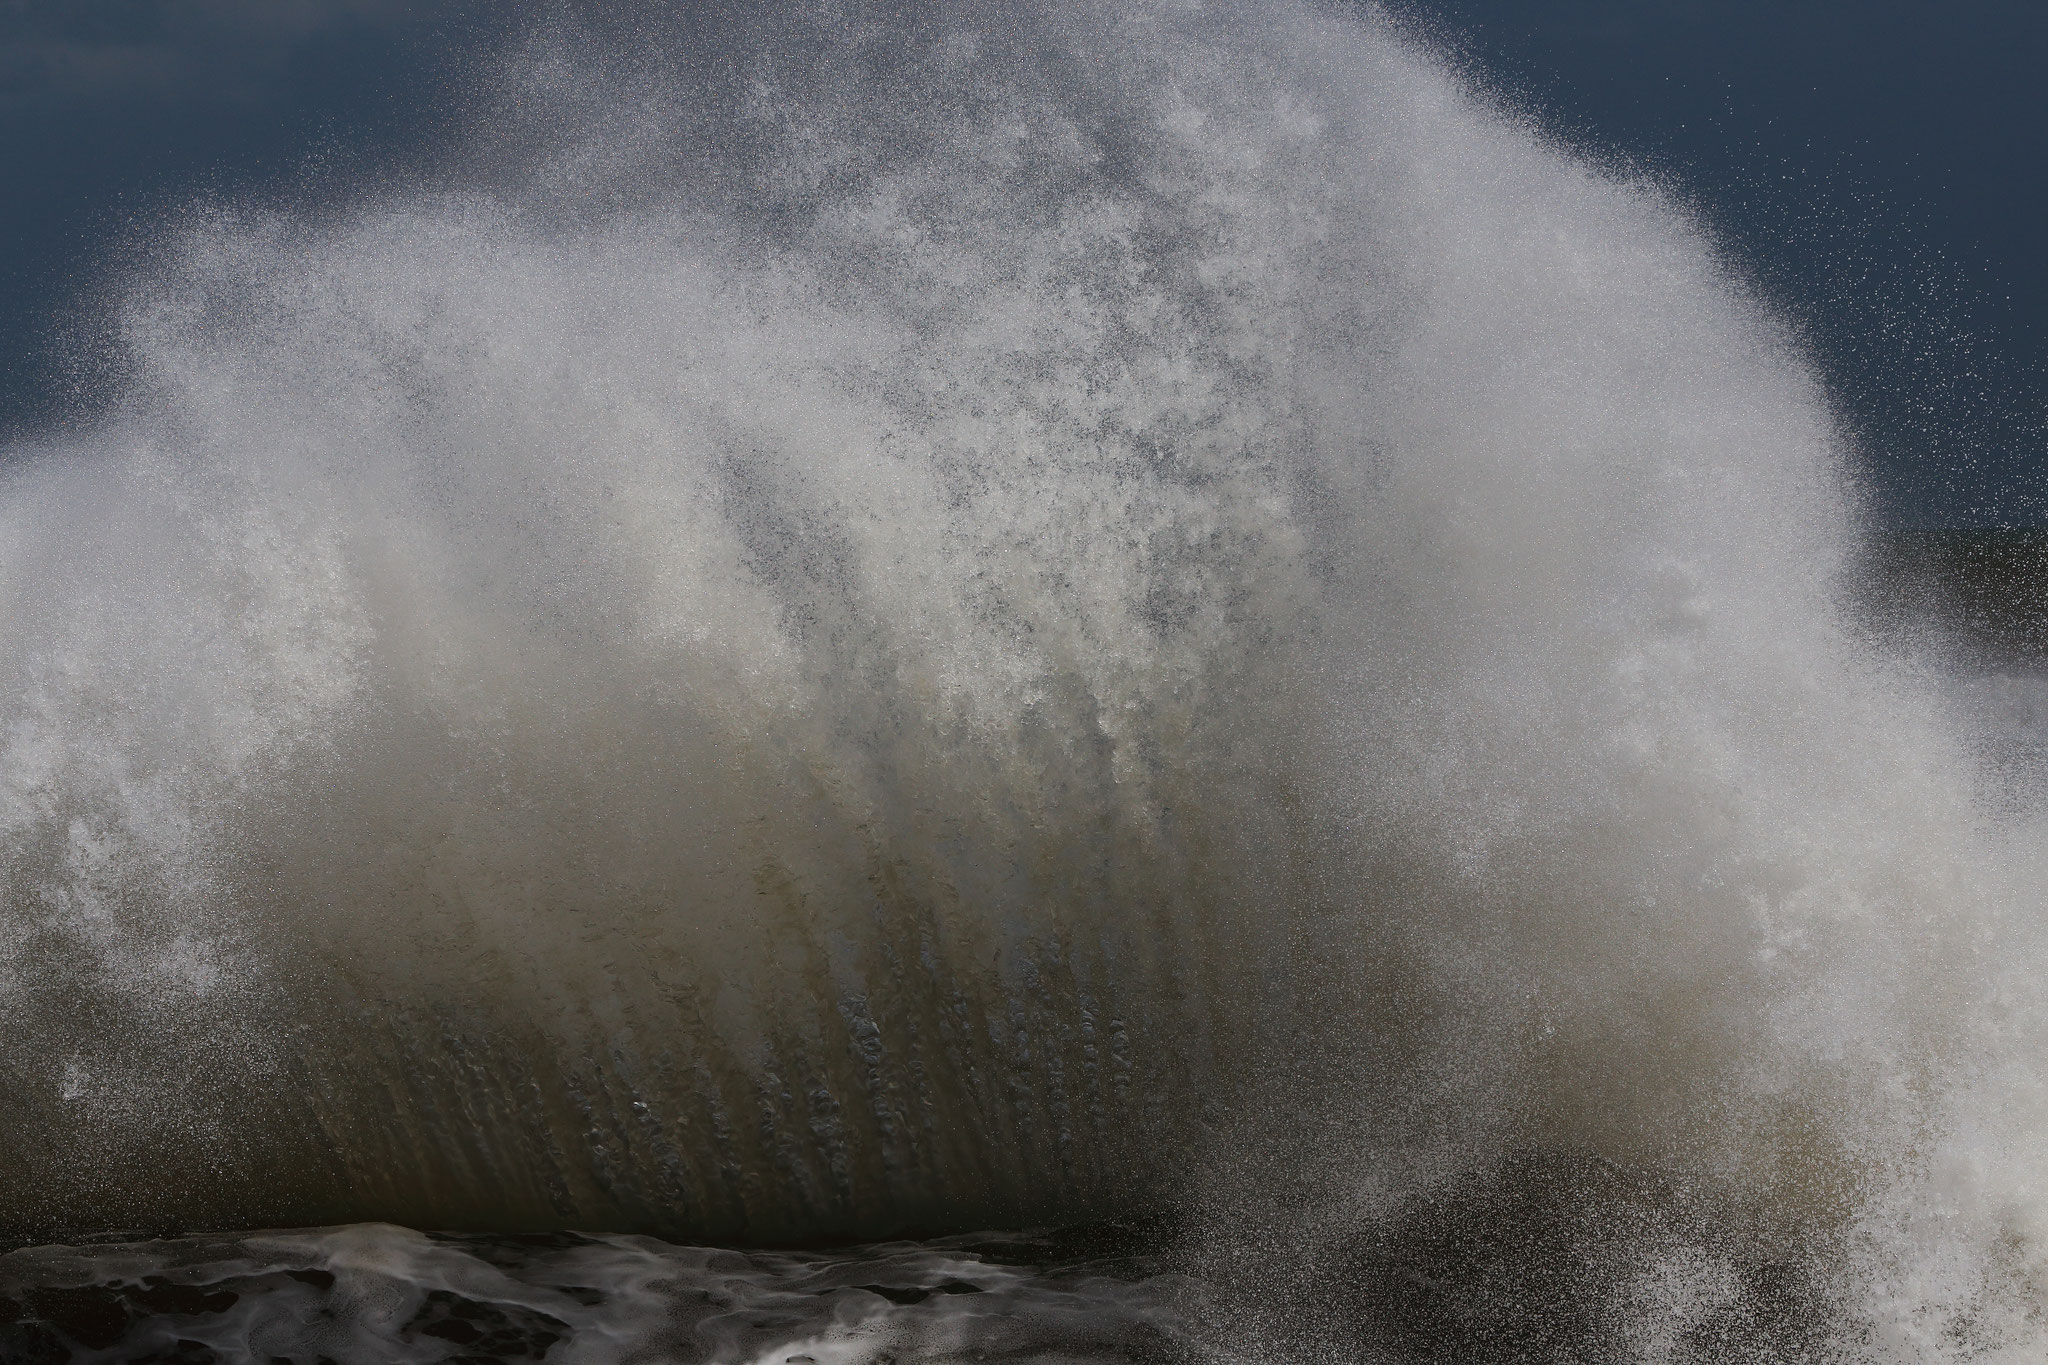 荒れる海が起こす大波(9/7 東串良町)